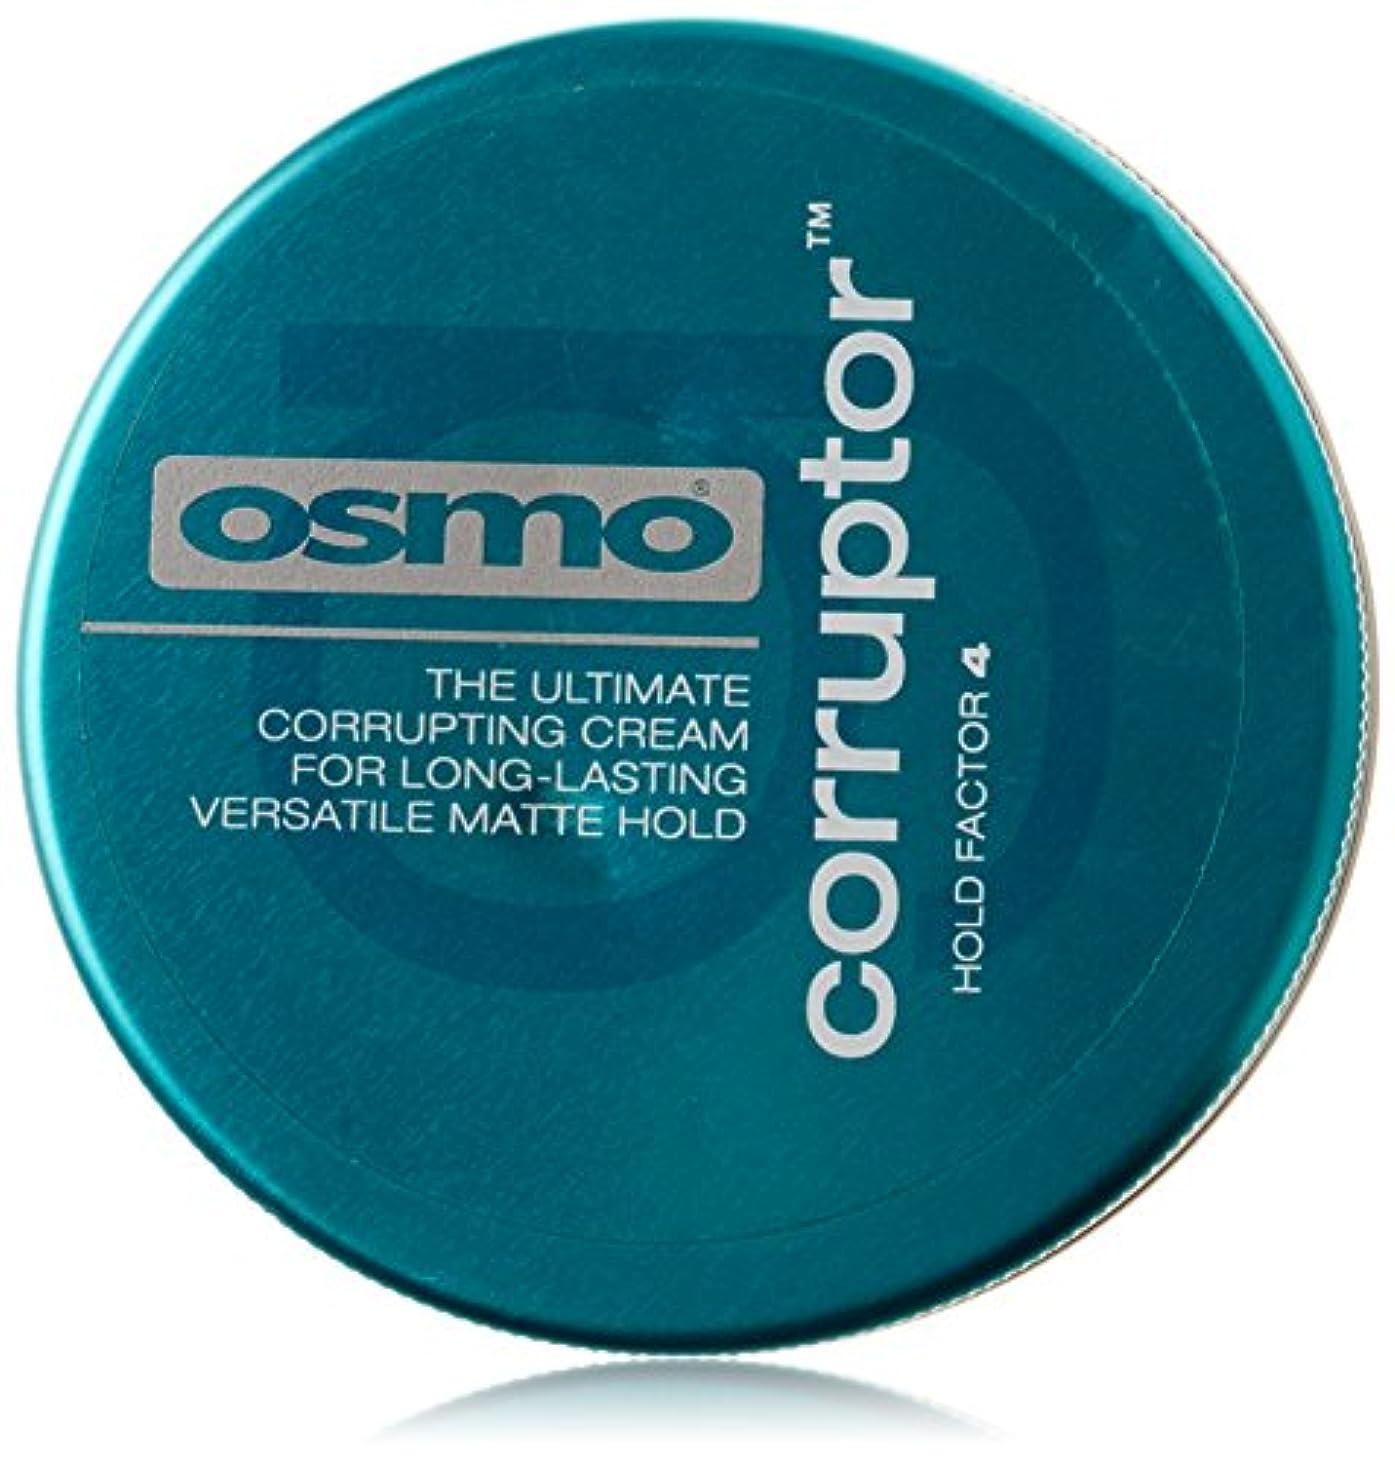 バング累積ギャンブルアレス OSMO ヘアワックス コラプター 100g